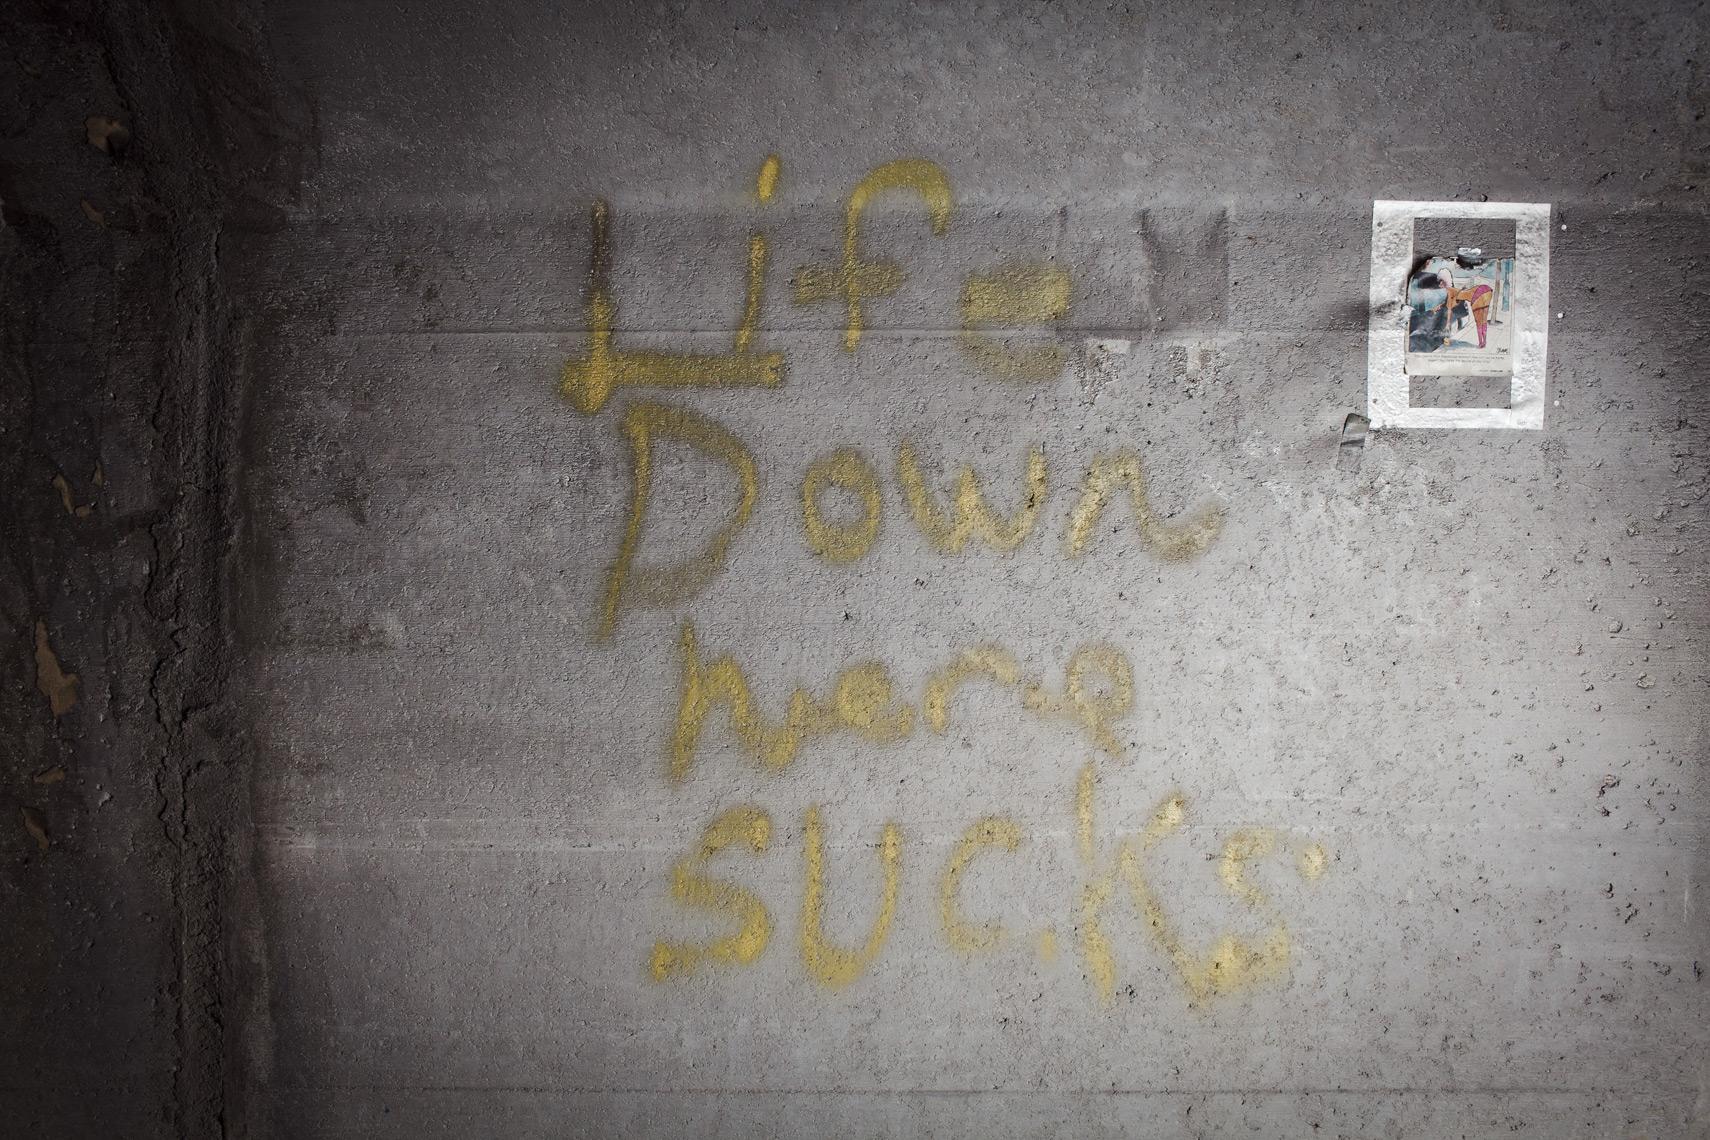 graffiti_MG_3747.jpg